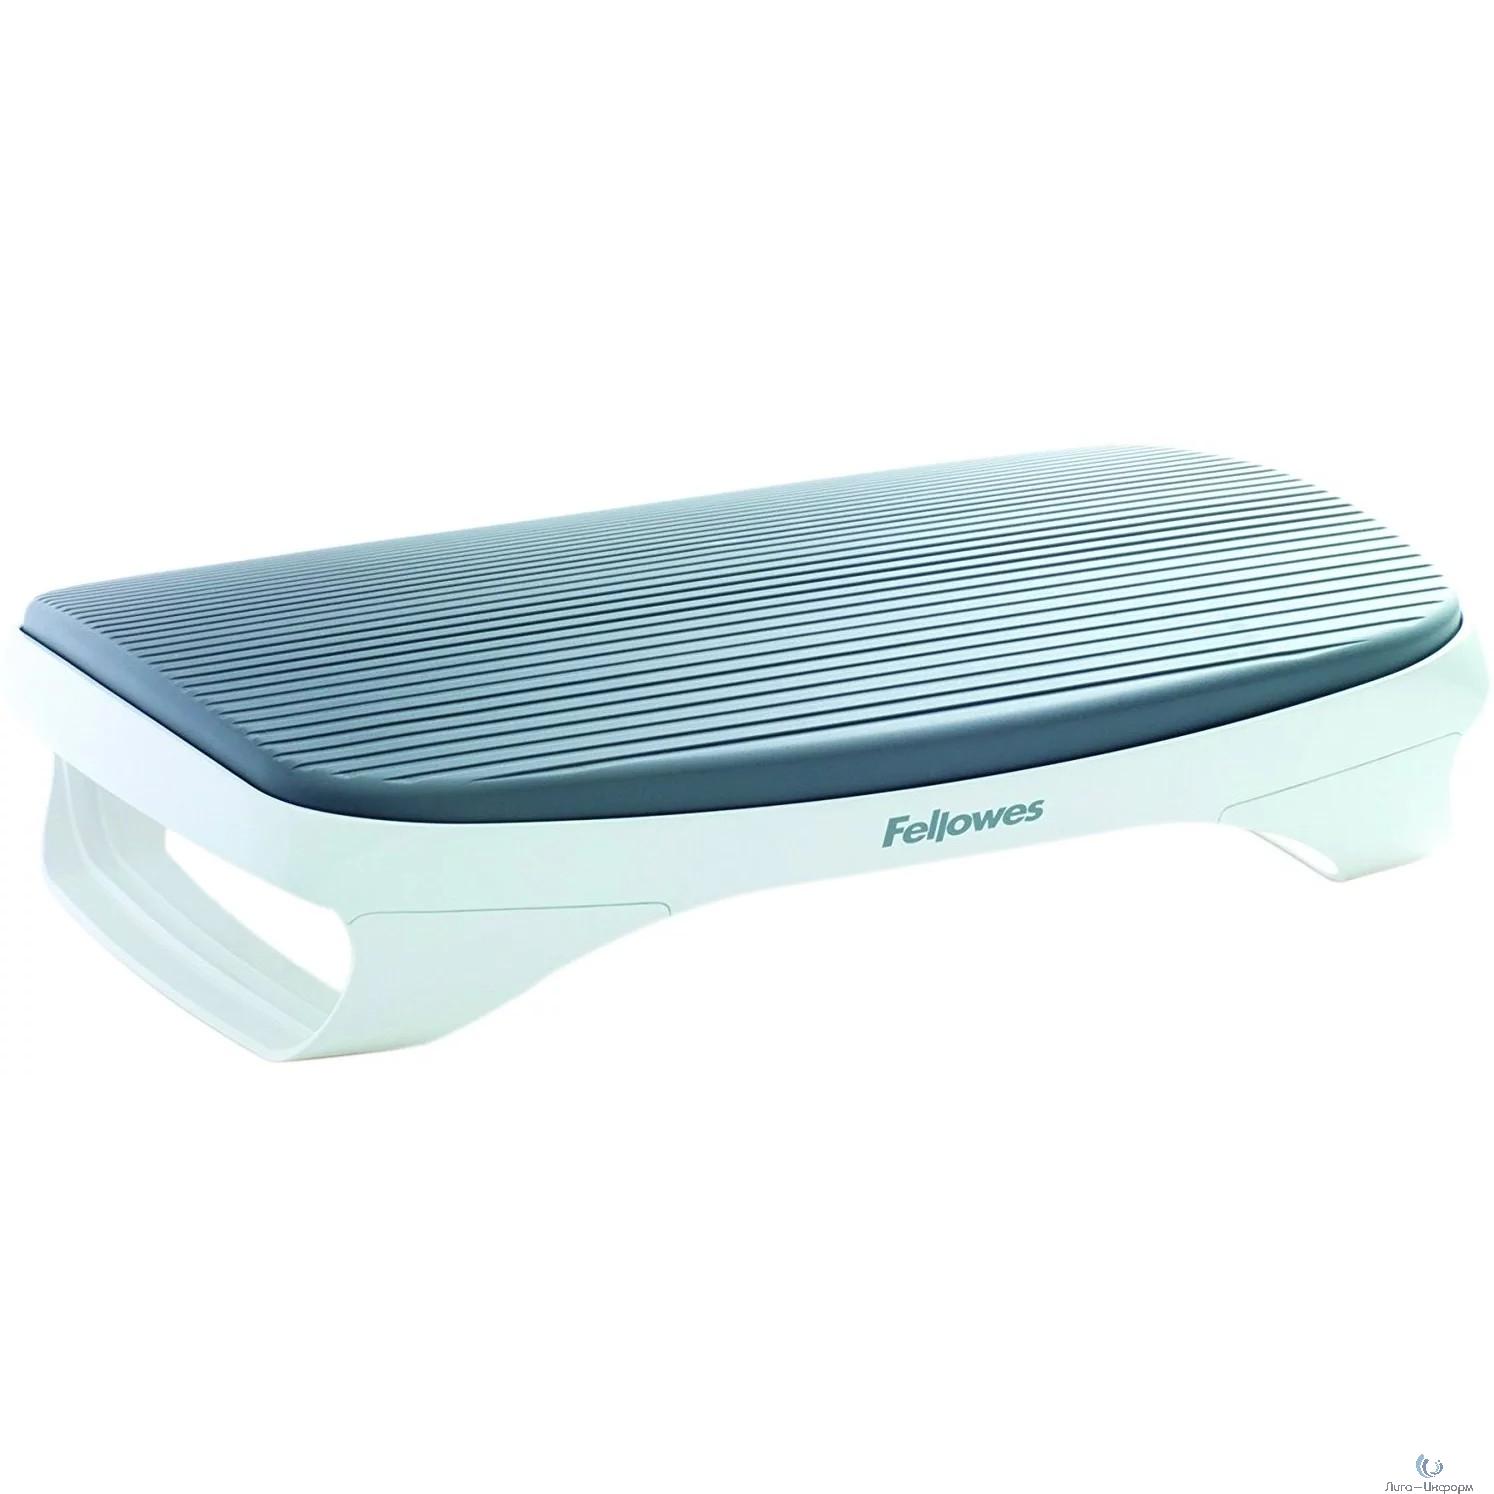 Fellowes® I-Spire Series™, Подставка для ног, белая/серая, шт